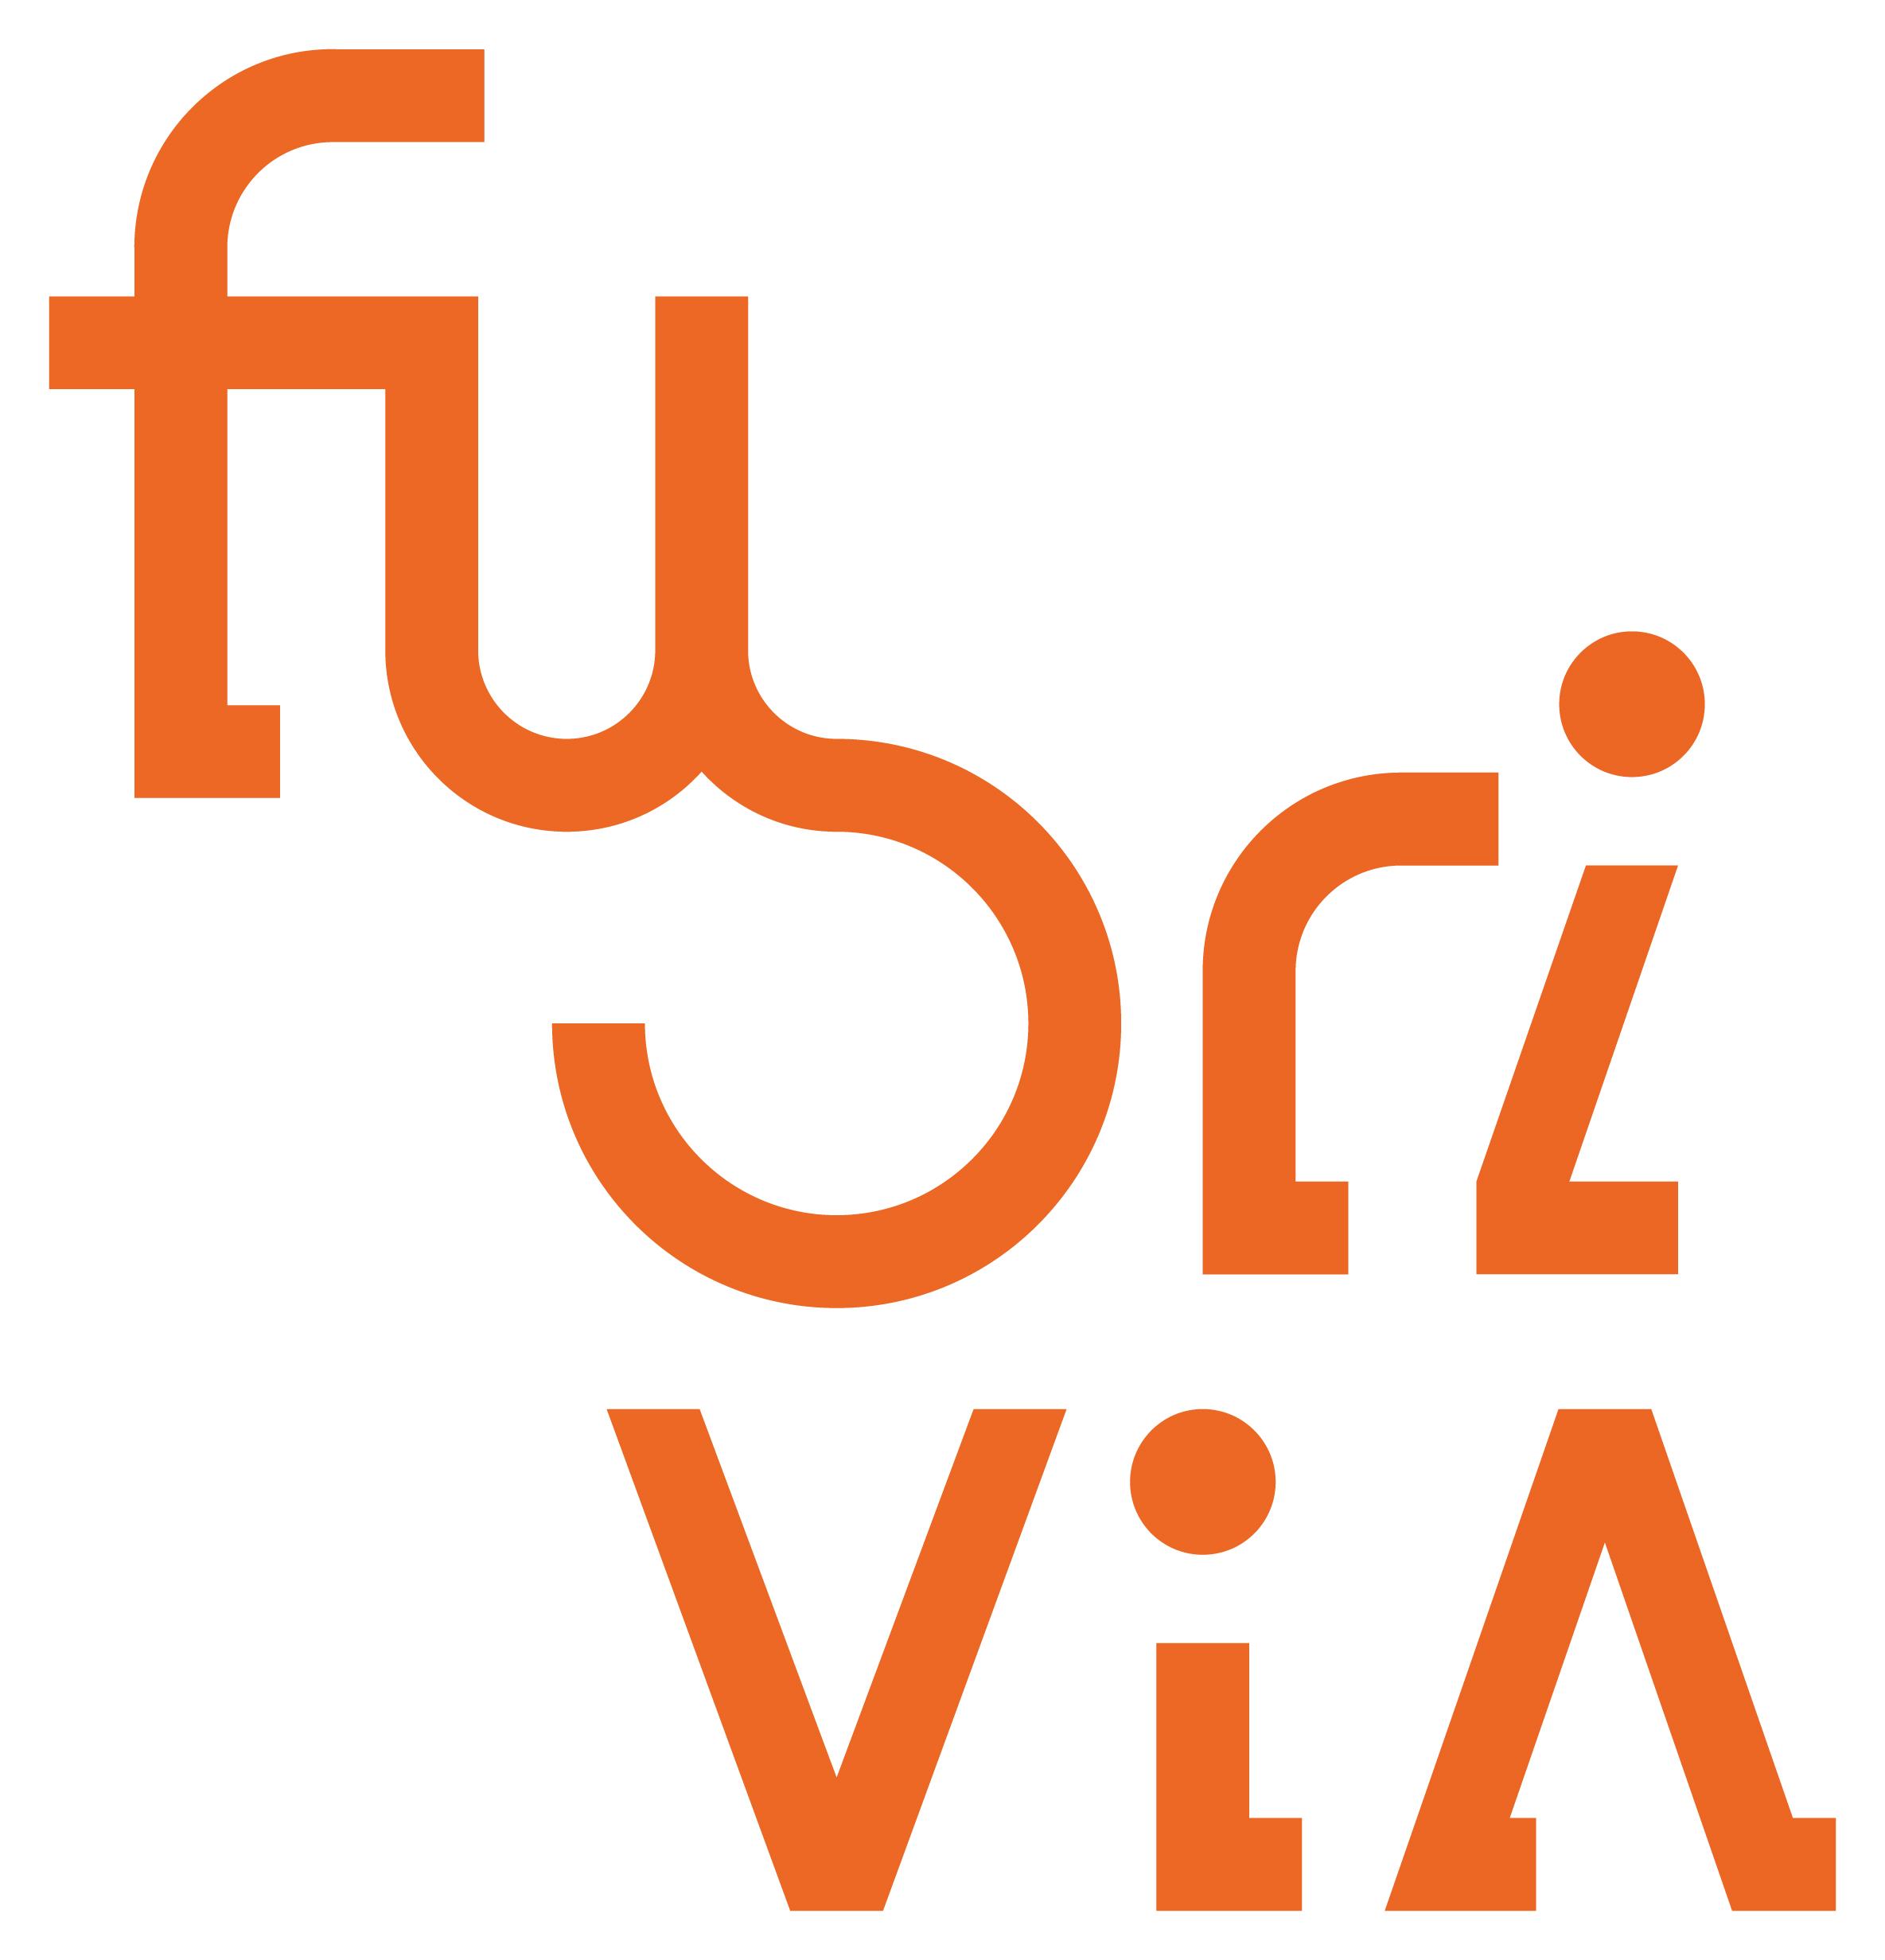 FuoriVia